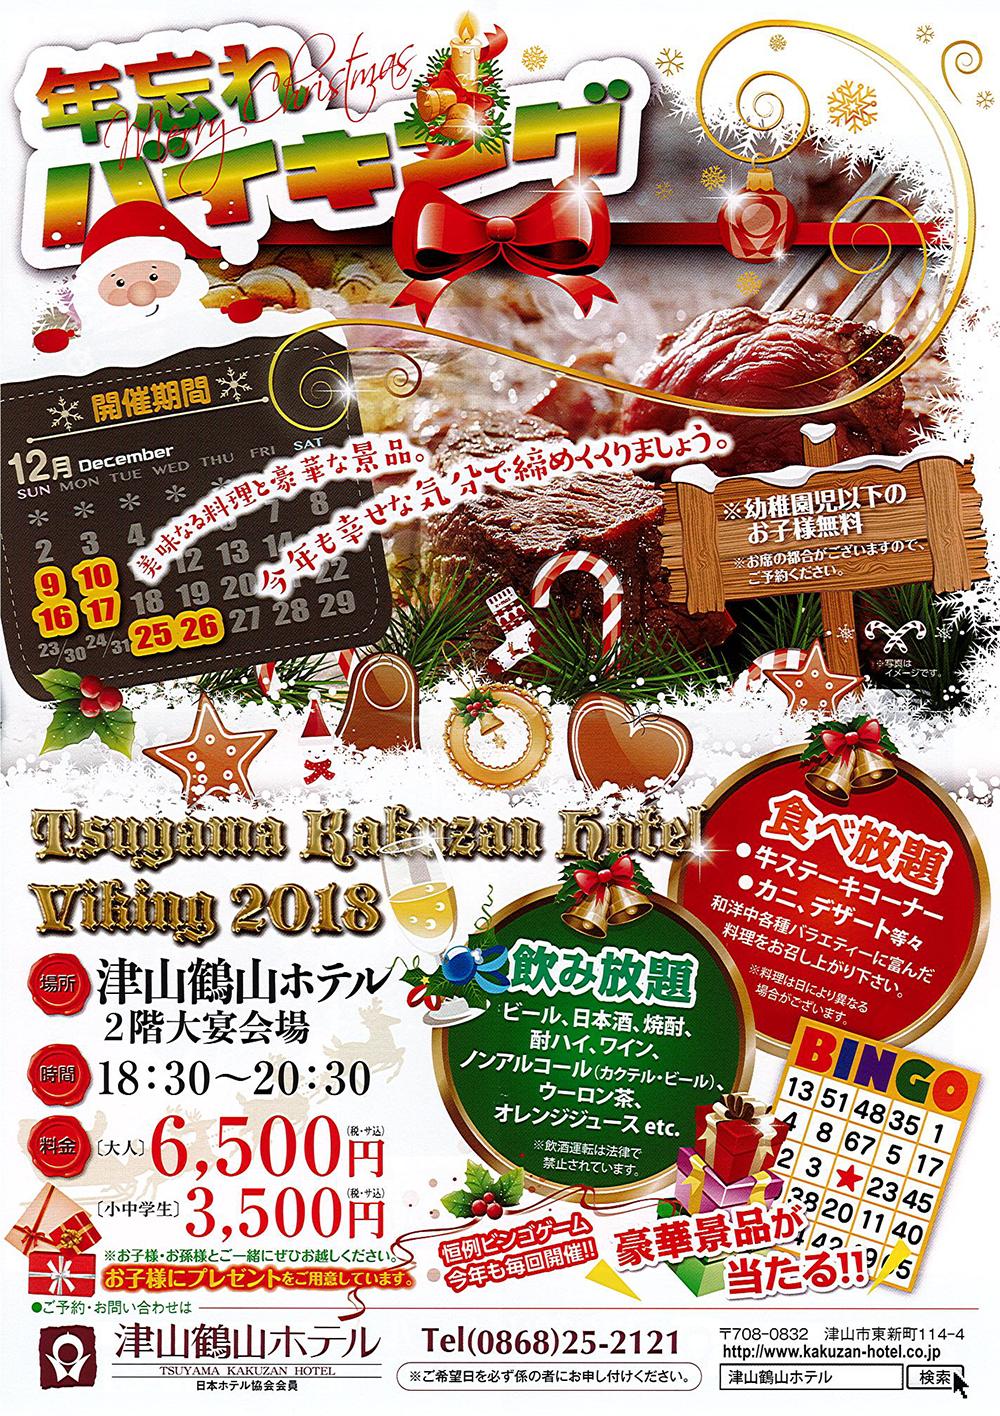 2018 津山鶴山ホテル【年忘れバイキング】